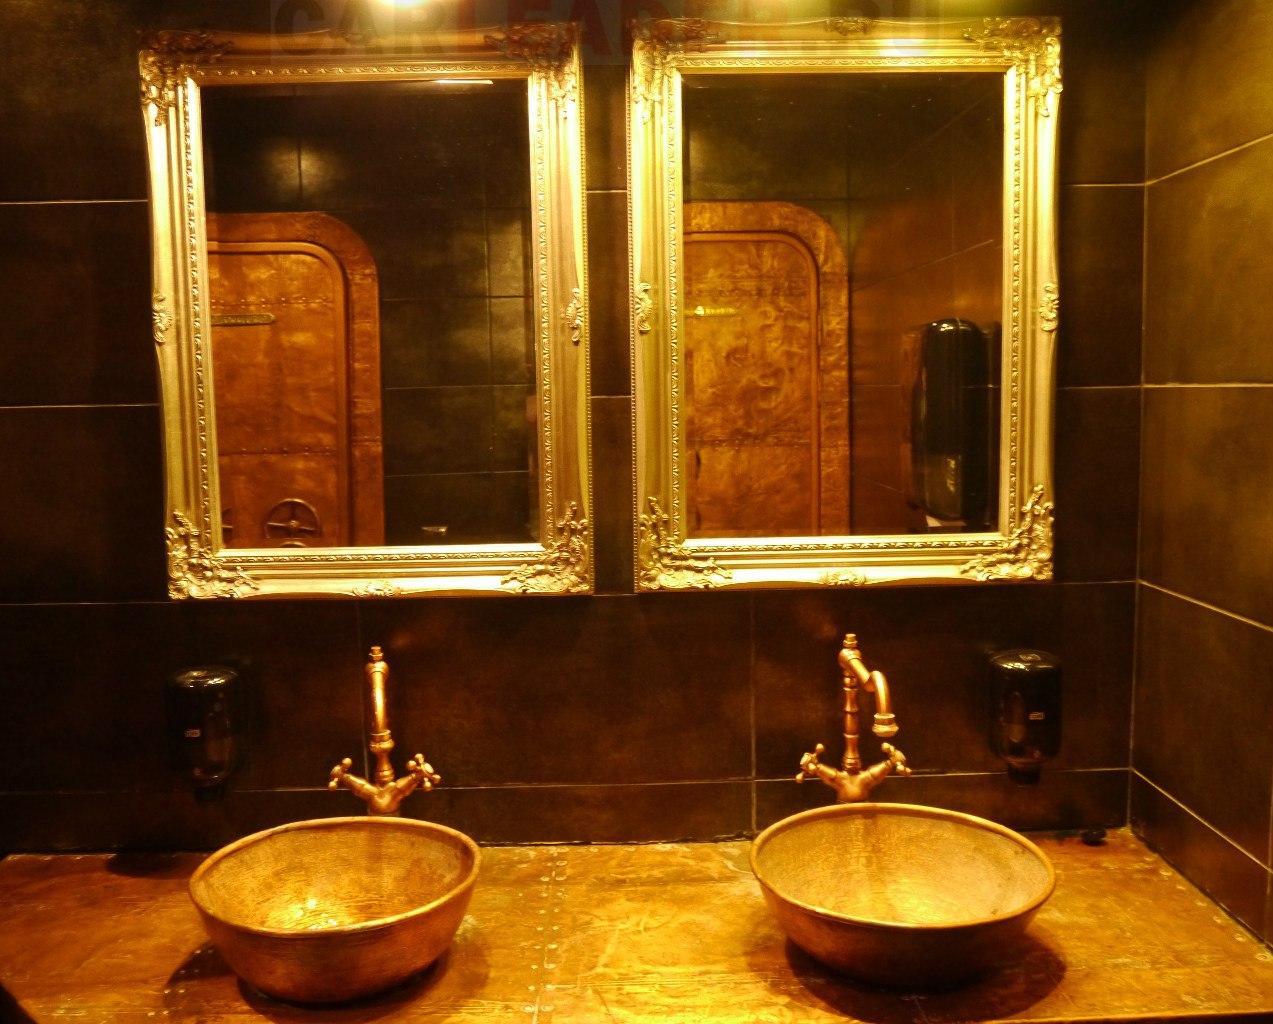 """Мы попали в туалет Замка с привидениями? Нет, это всего лишь речной клуб """"Волхов мостъ""""."""